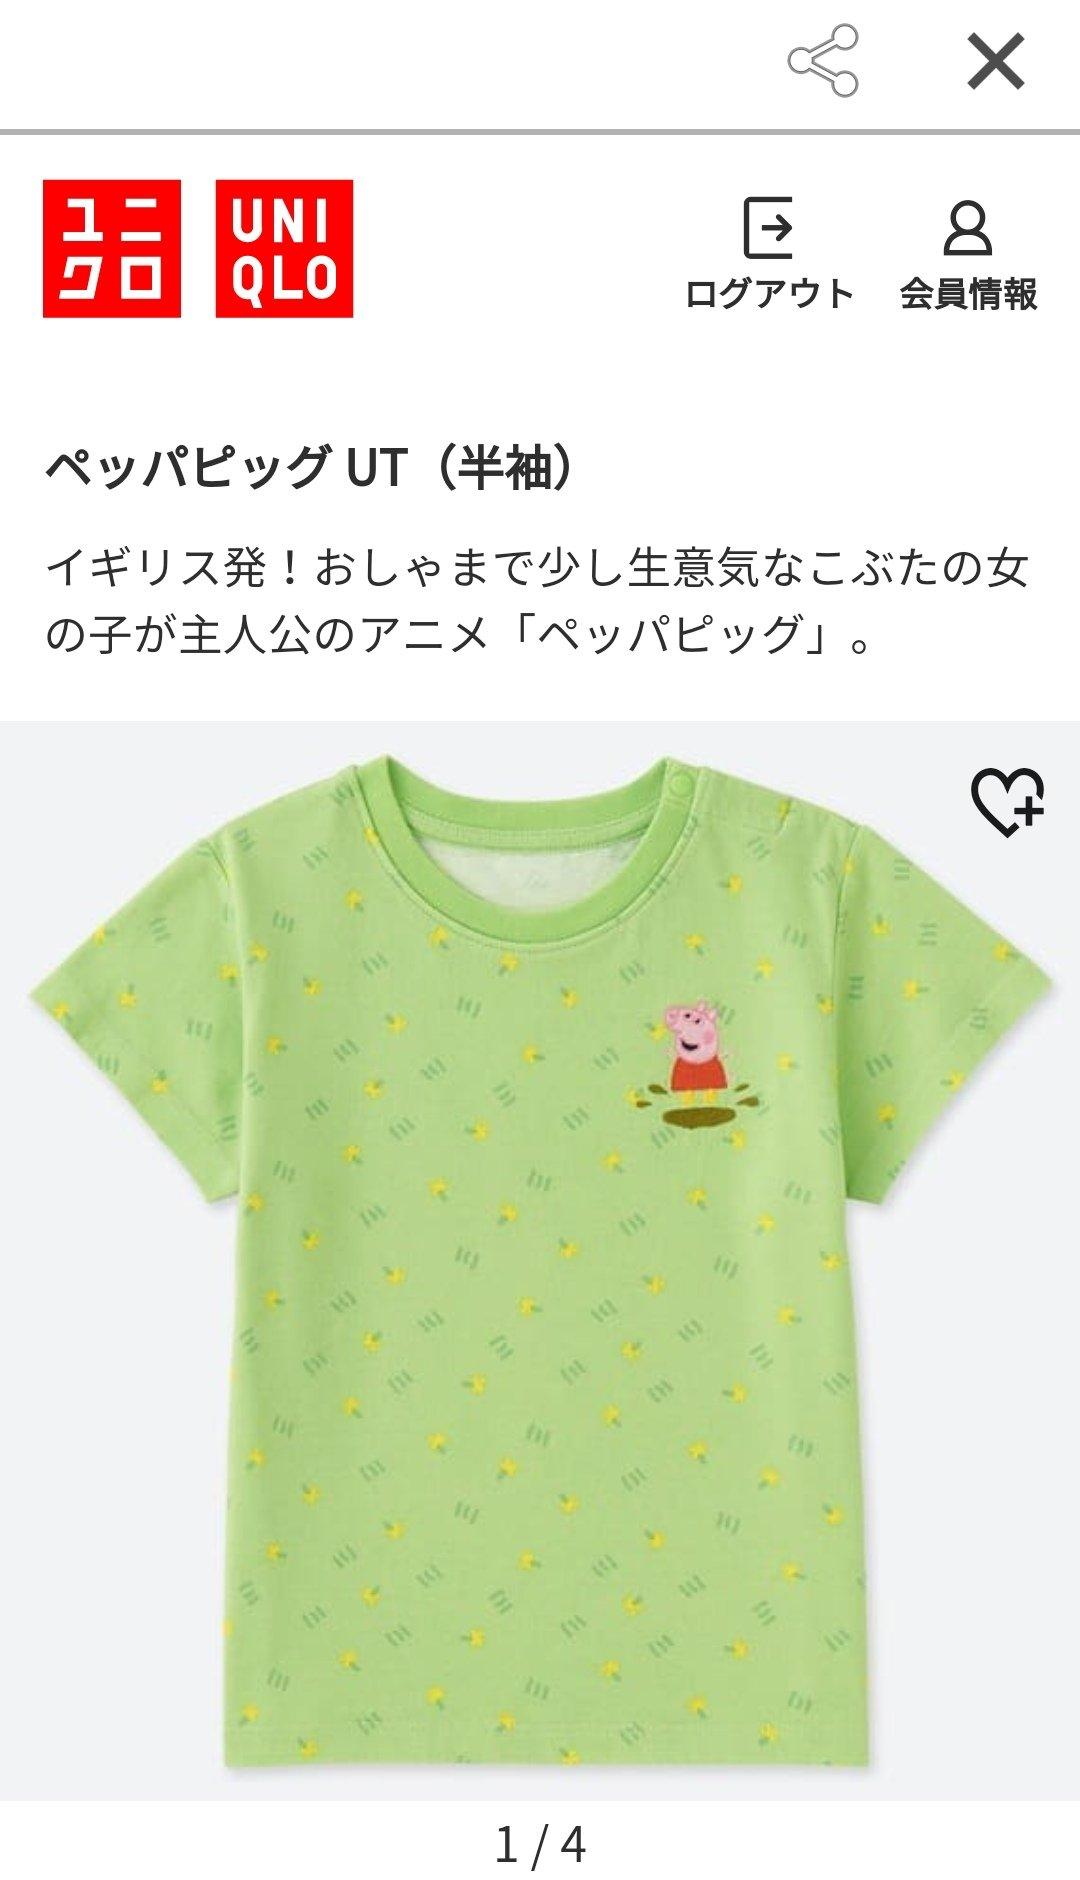 peppa pig uniqlo t-shirts